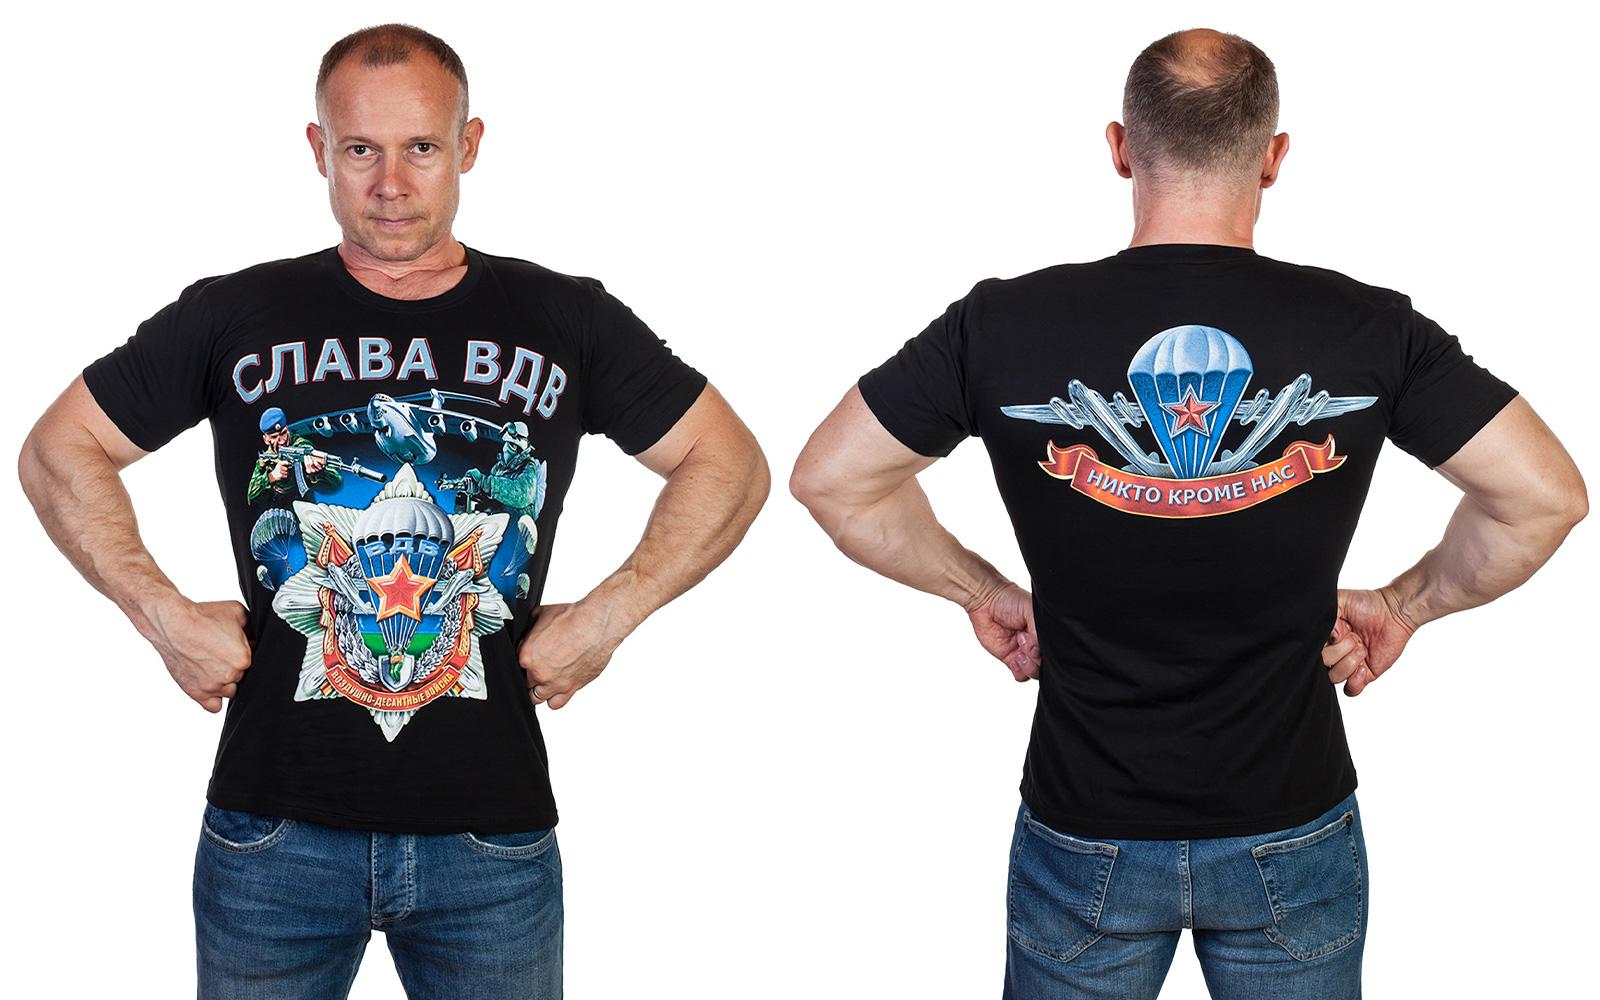 Мужская черная футболка «Слава ВДВ» - купить оптом